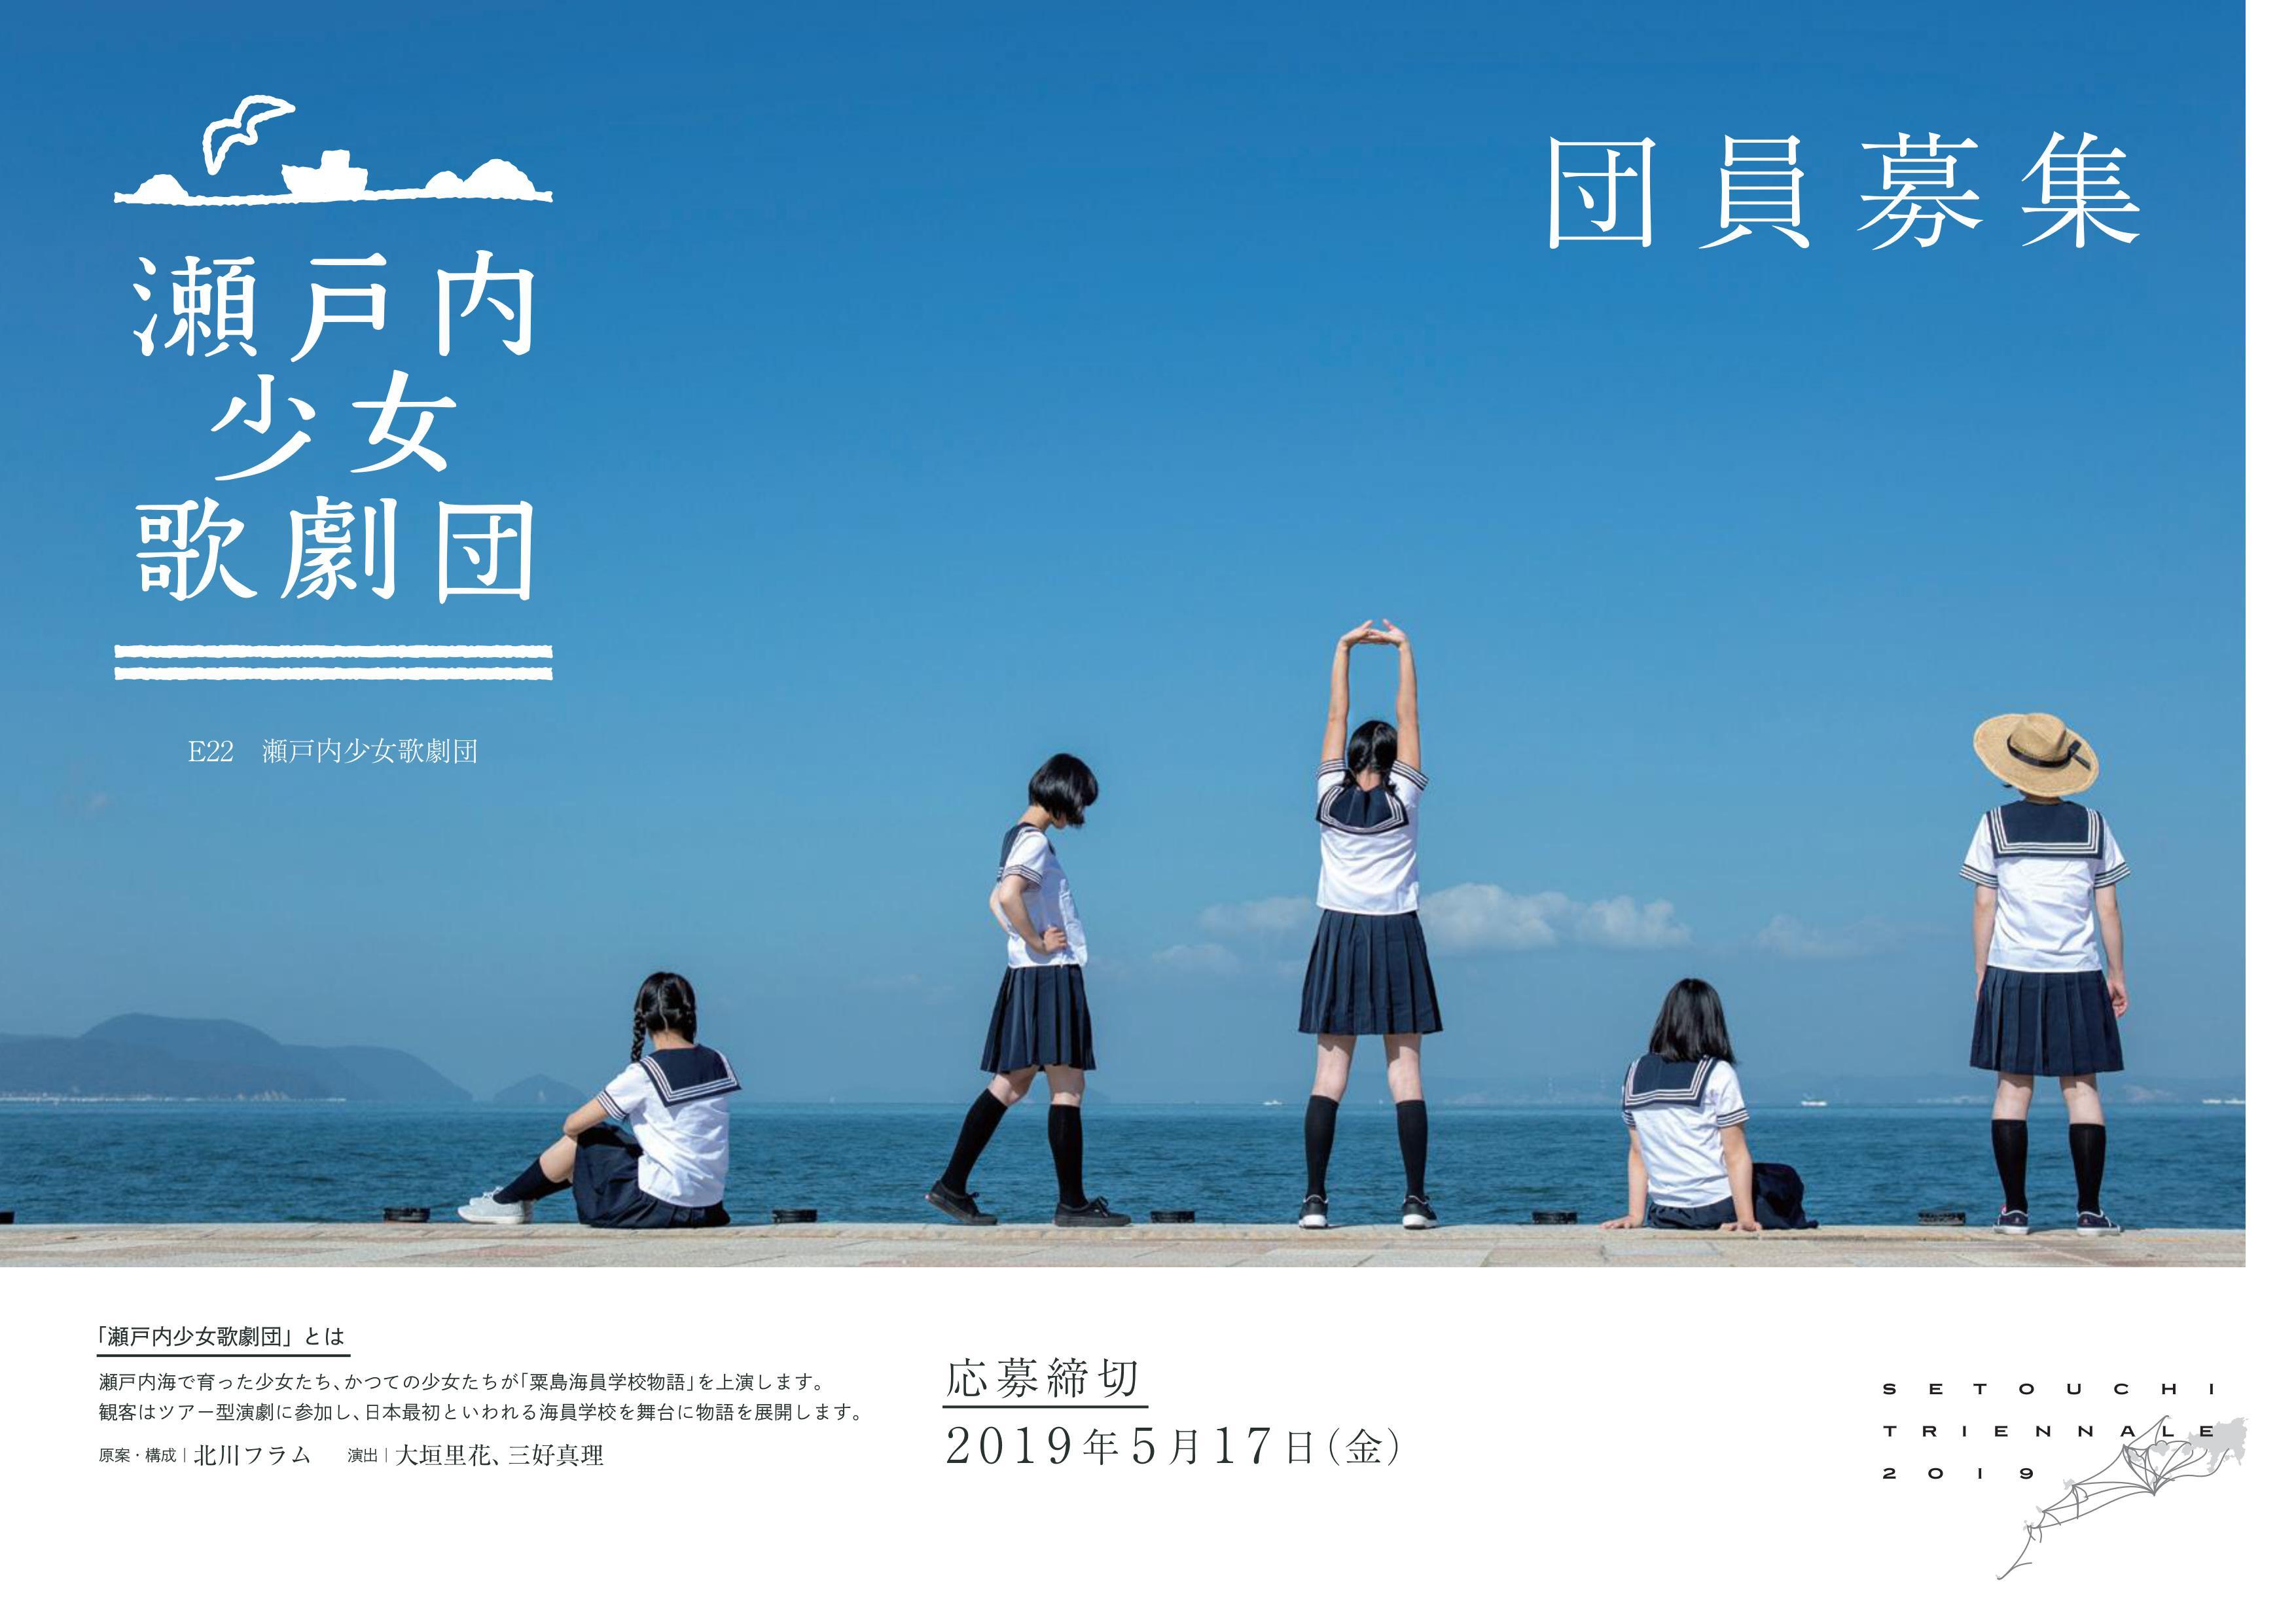 太空人原创设计临沂包装设计-三年一次的日本濑户内国际艺术节,值得一